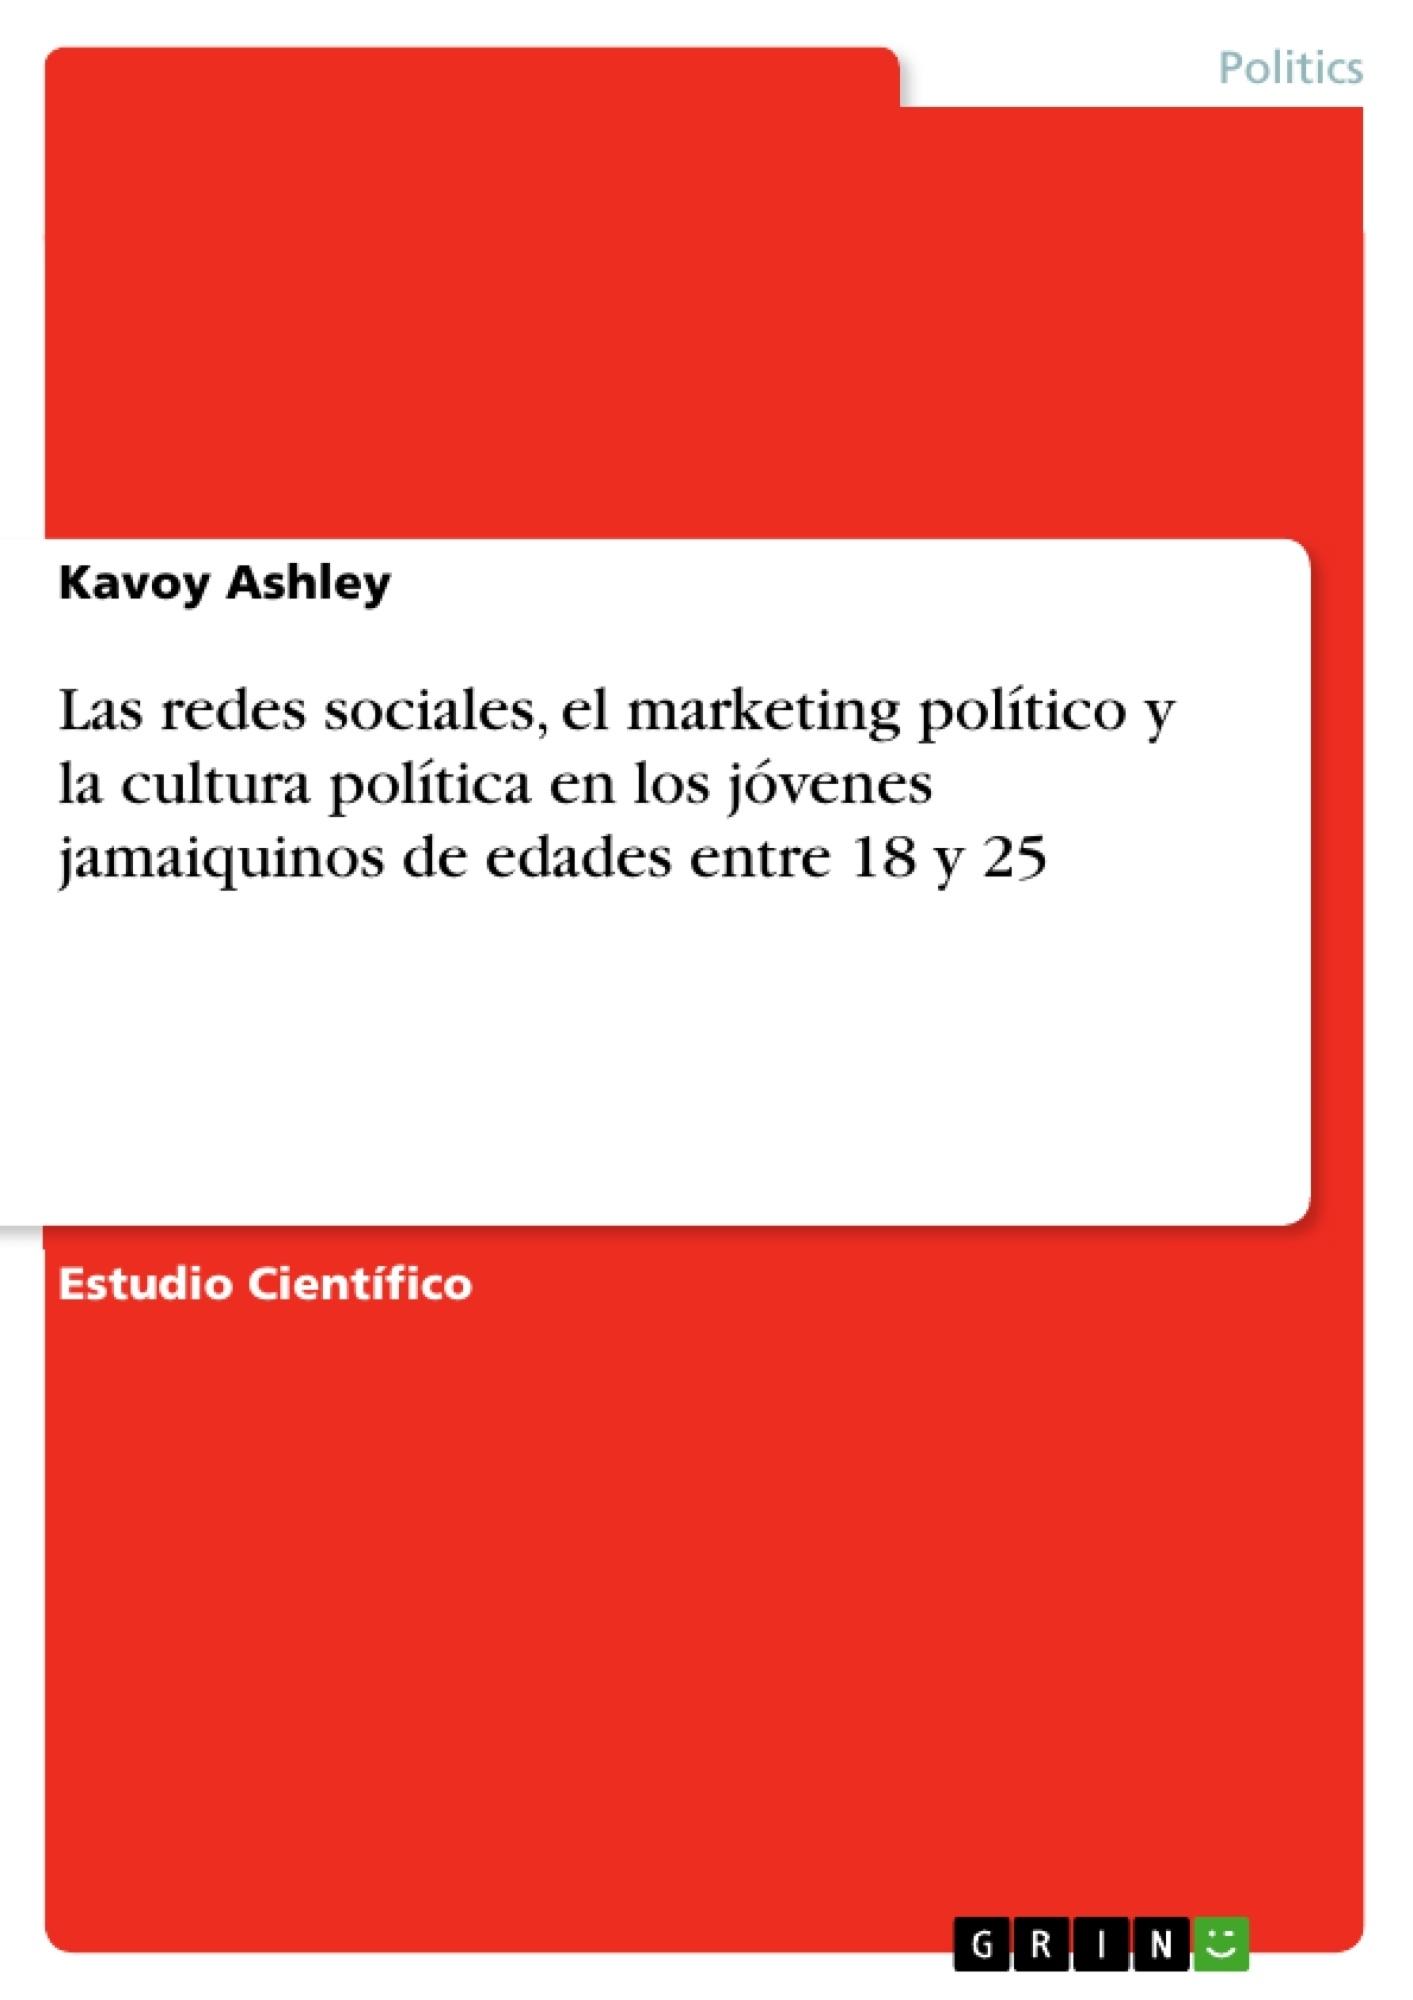 Título: Las redes sociales, el marketing político y la cultura política en los jóvenes jamaiquinos de edades entre 18 y 25